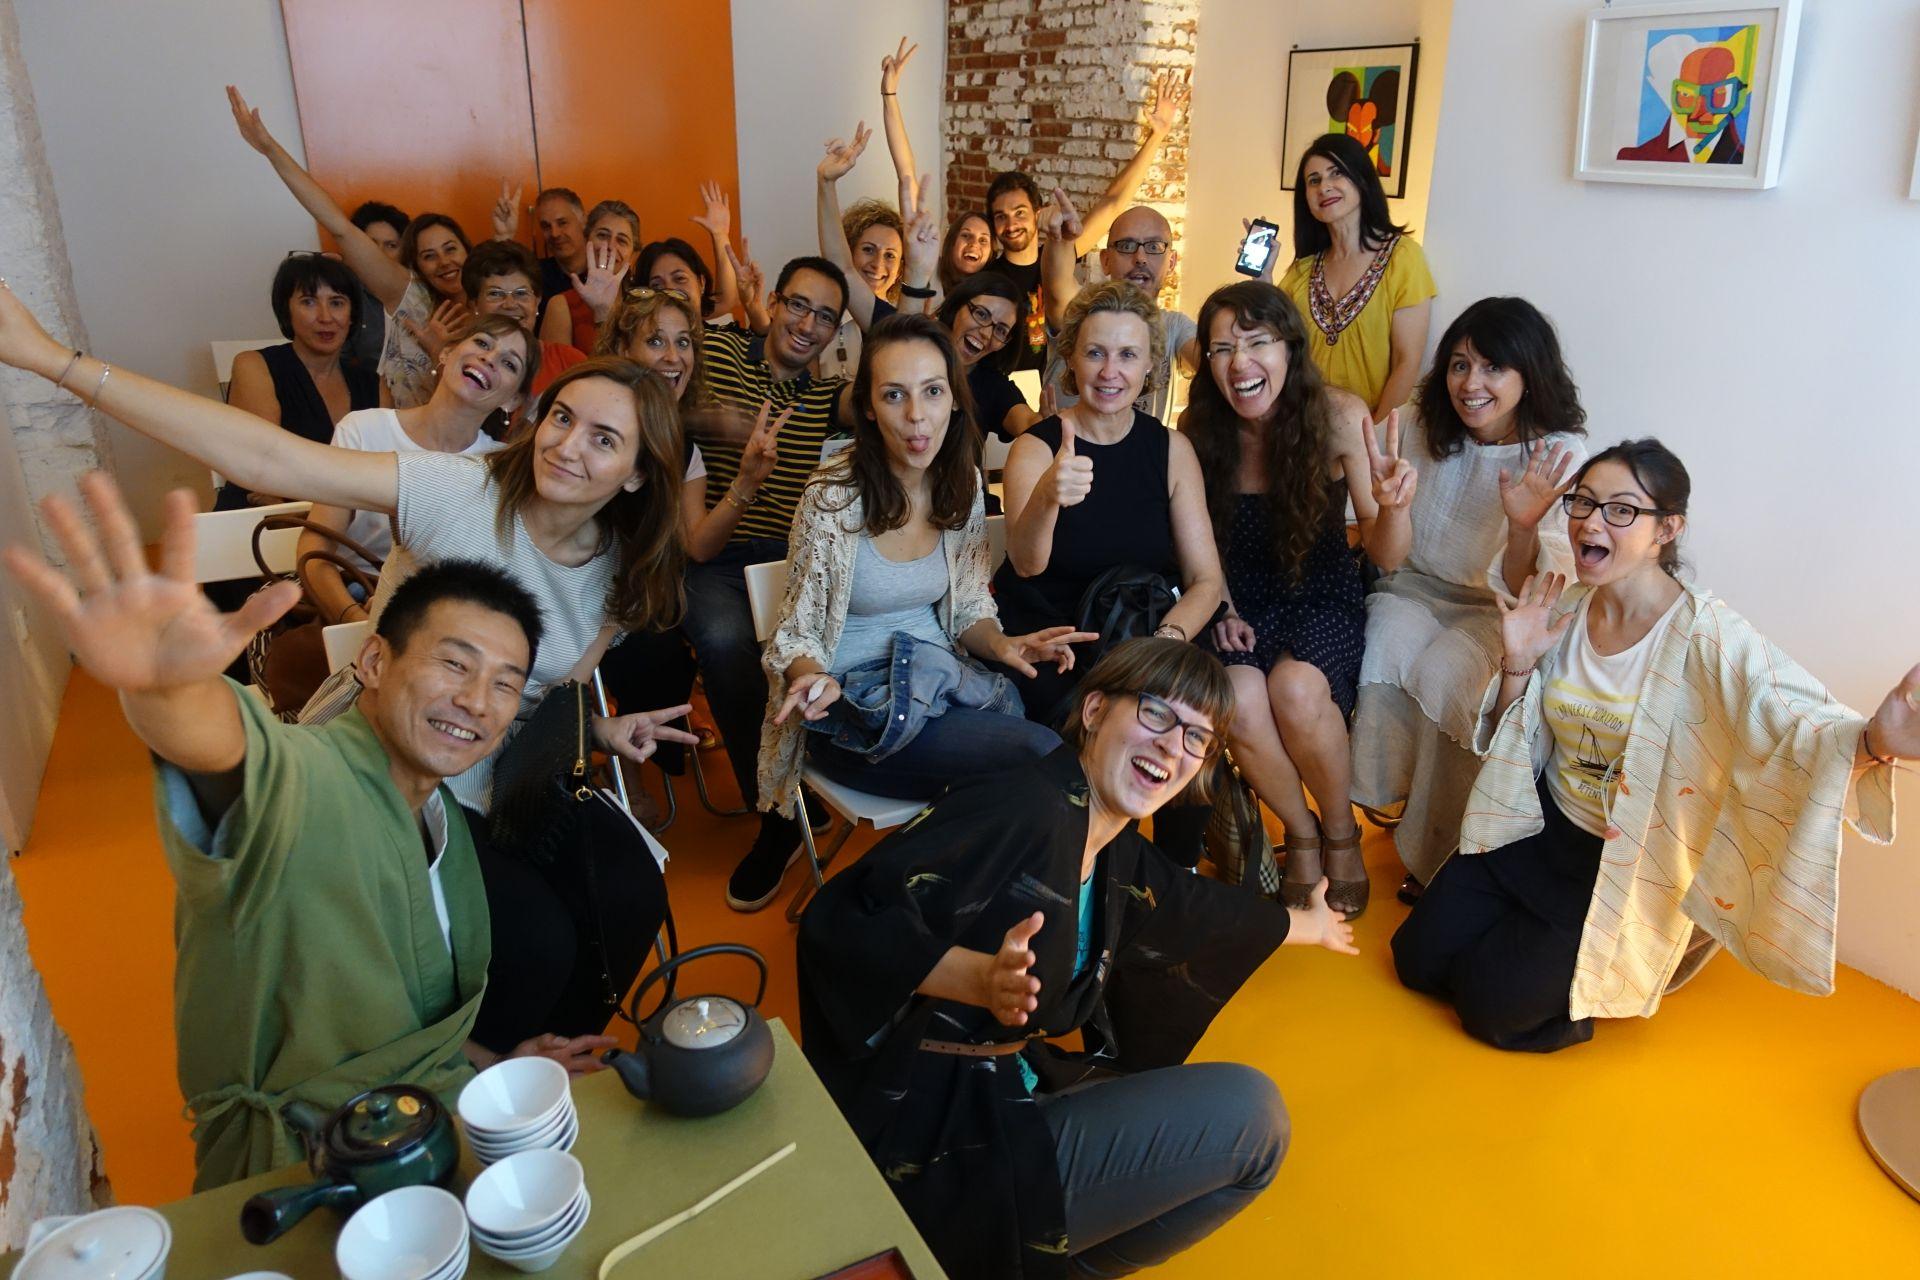 国際日本茶協会オープニングイベント in マドリッド 日本茶普及海外ツアー・欧州遠征2018